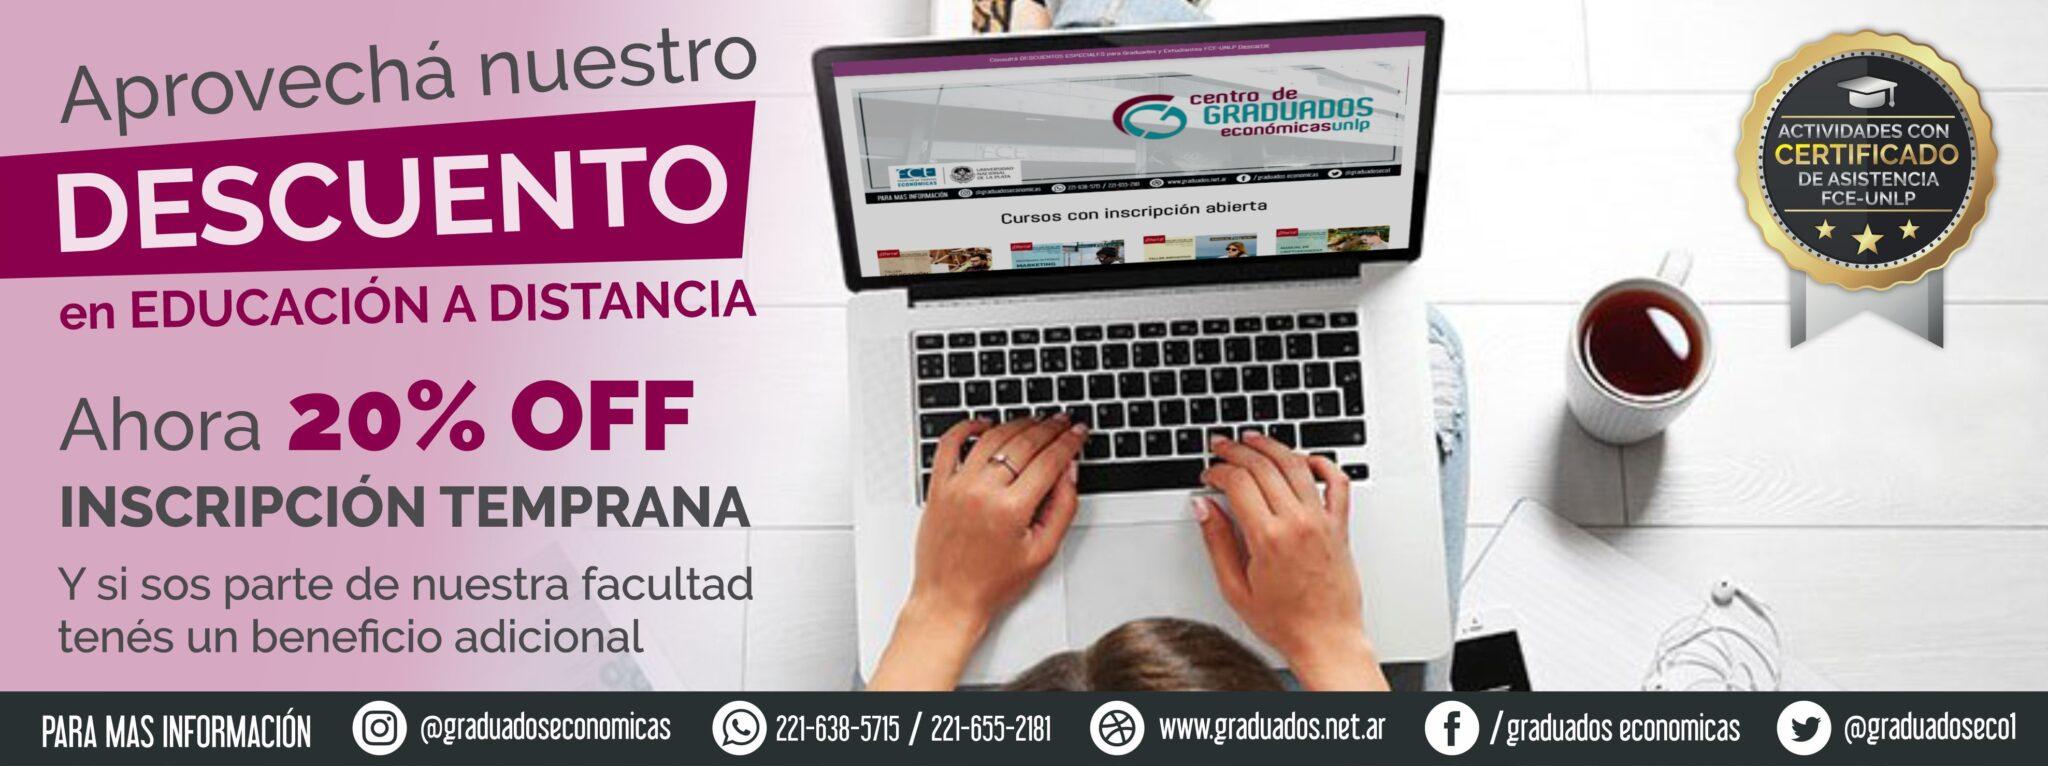 inscripcion temprana - 20% - banner